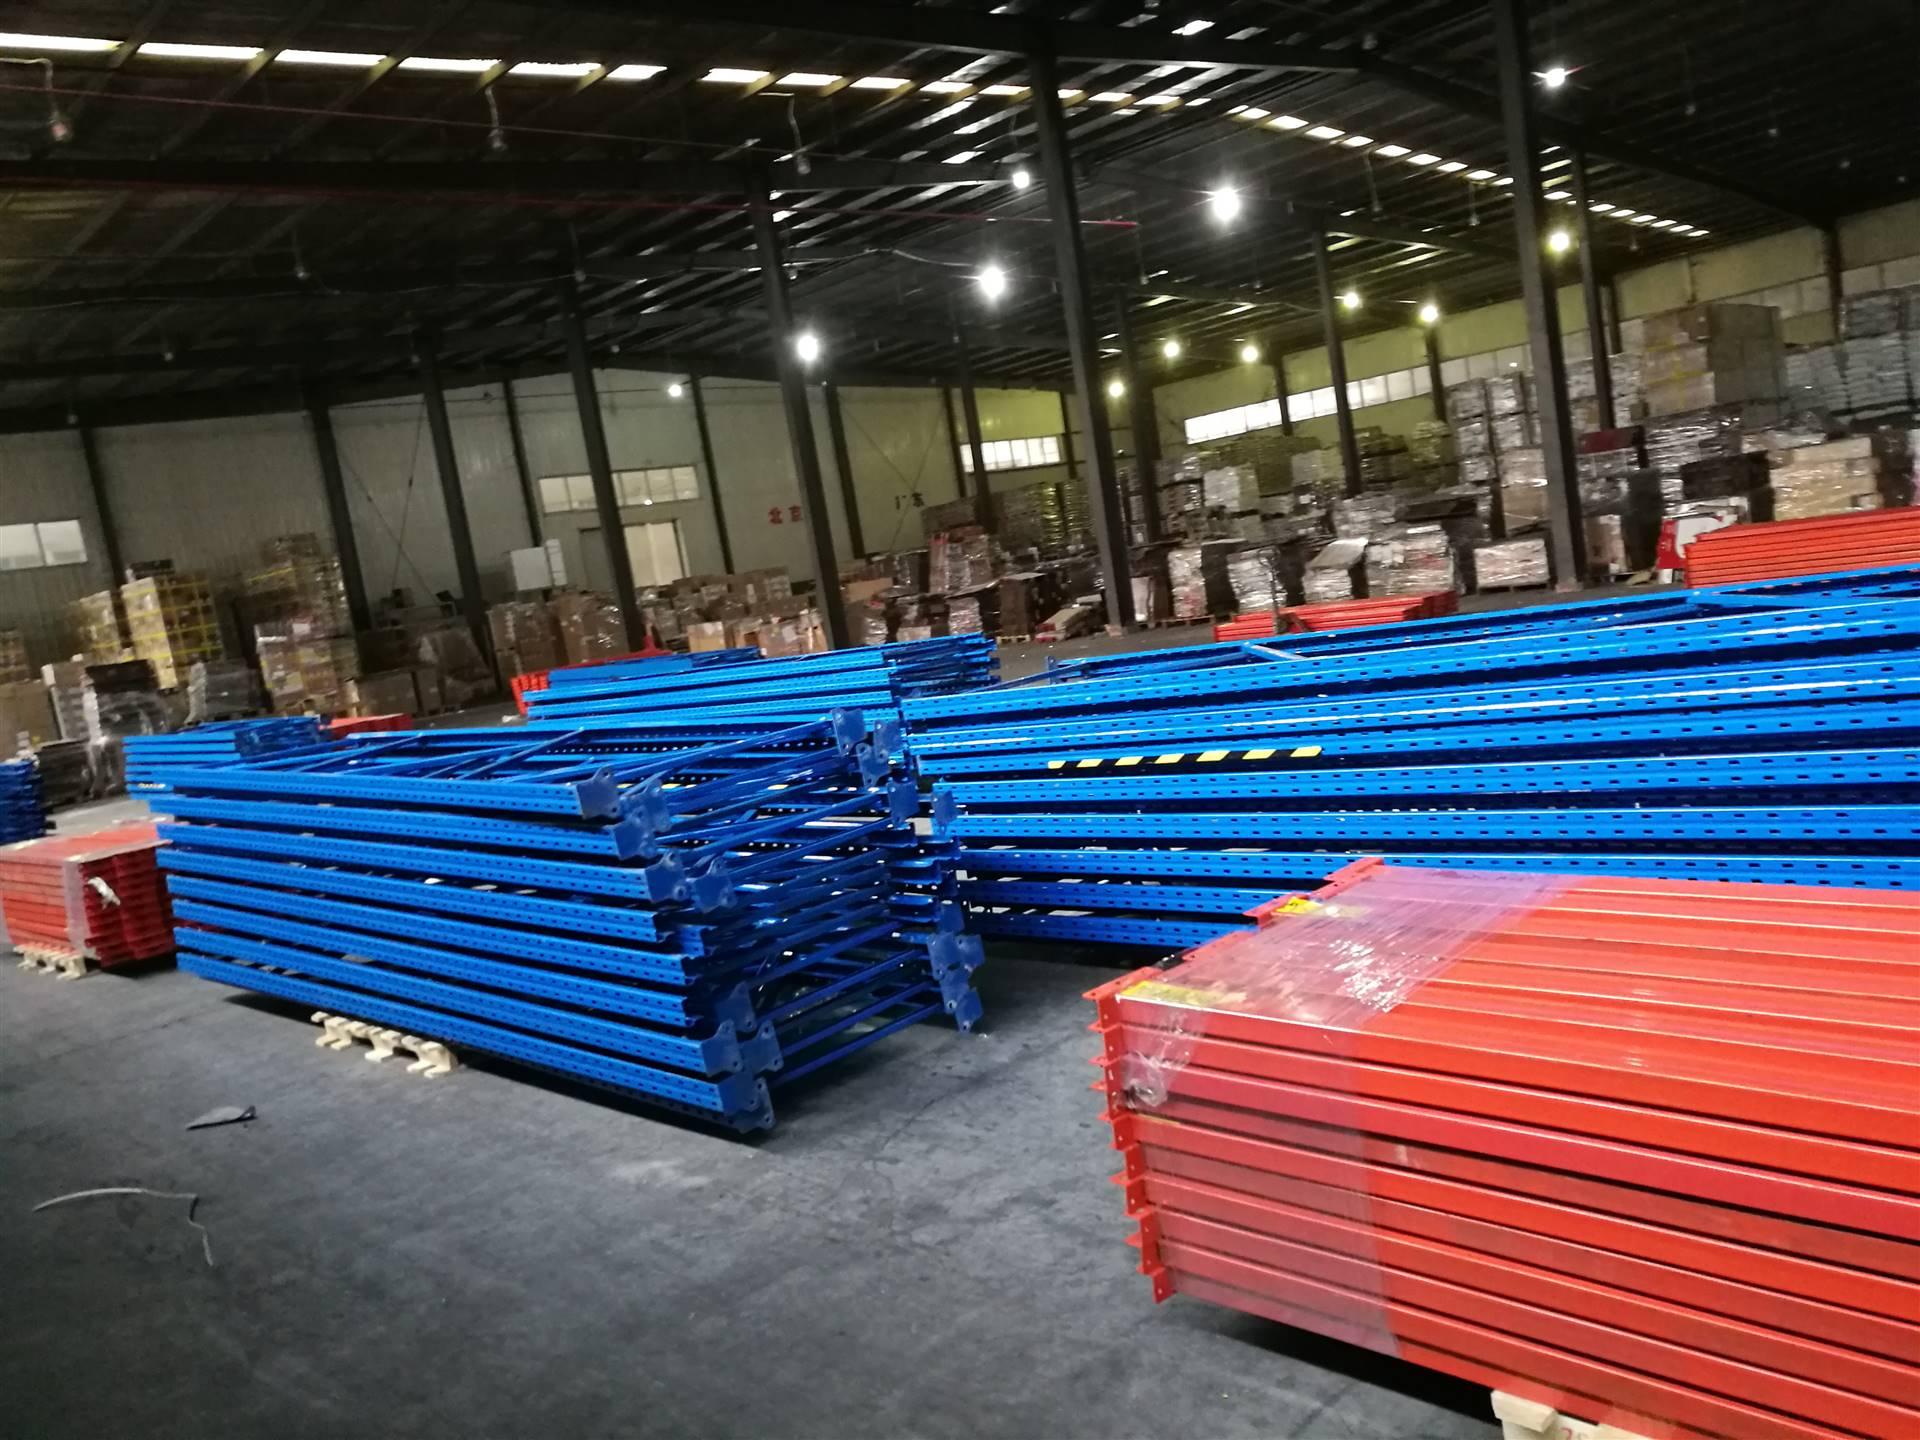 上海出售二手货架高价回收旧货架